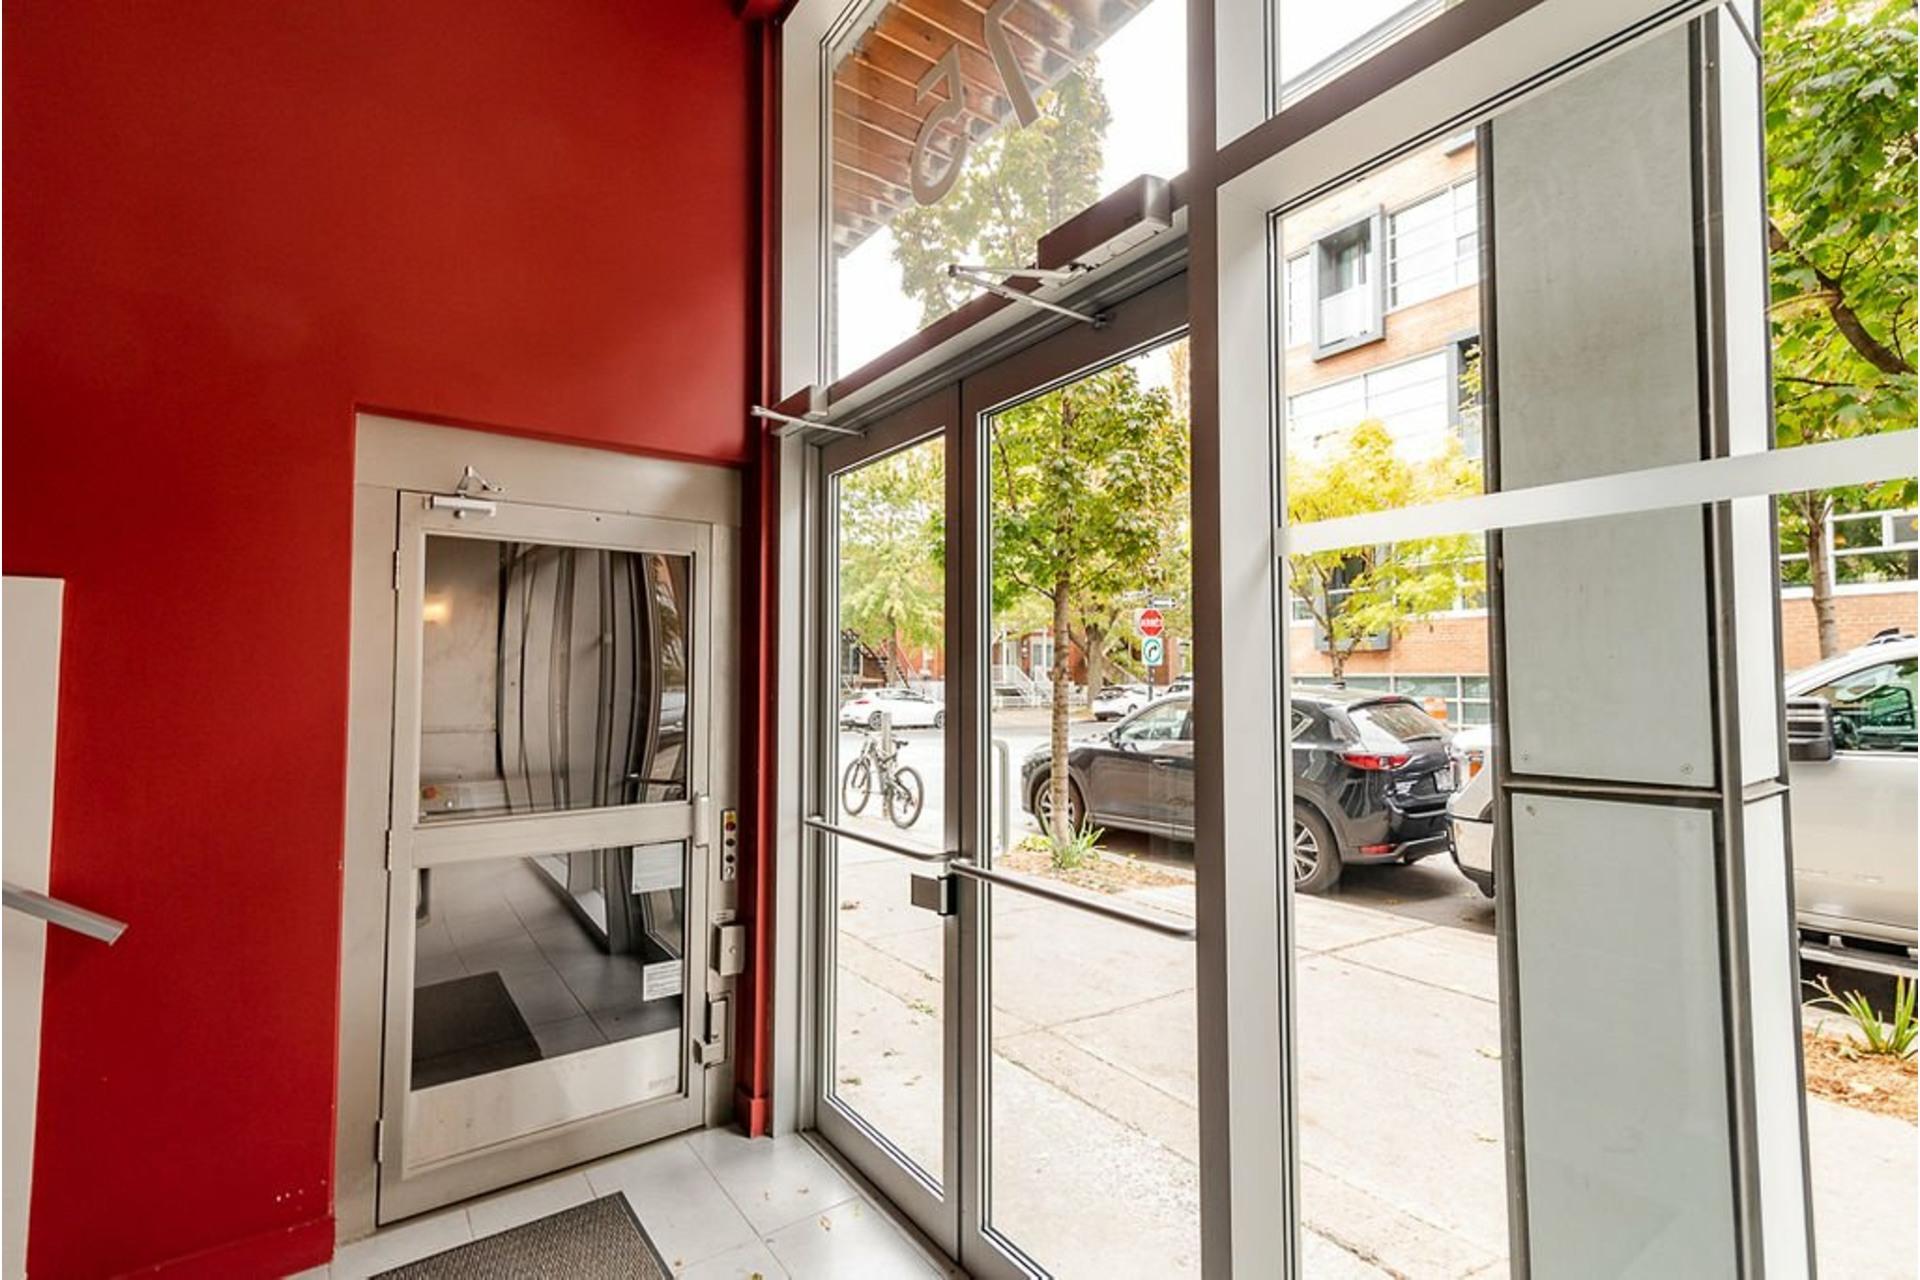 image 36 - Appartement À vendre Villeray/Saint-Michel/Parc-Extension Montréal  - 6 pièces